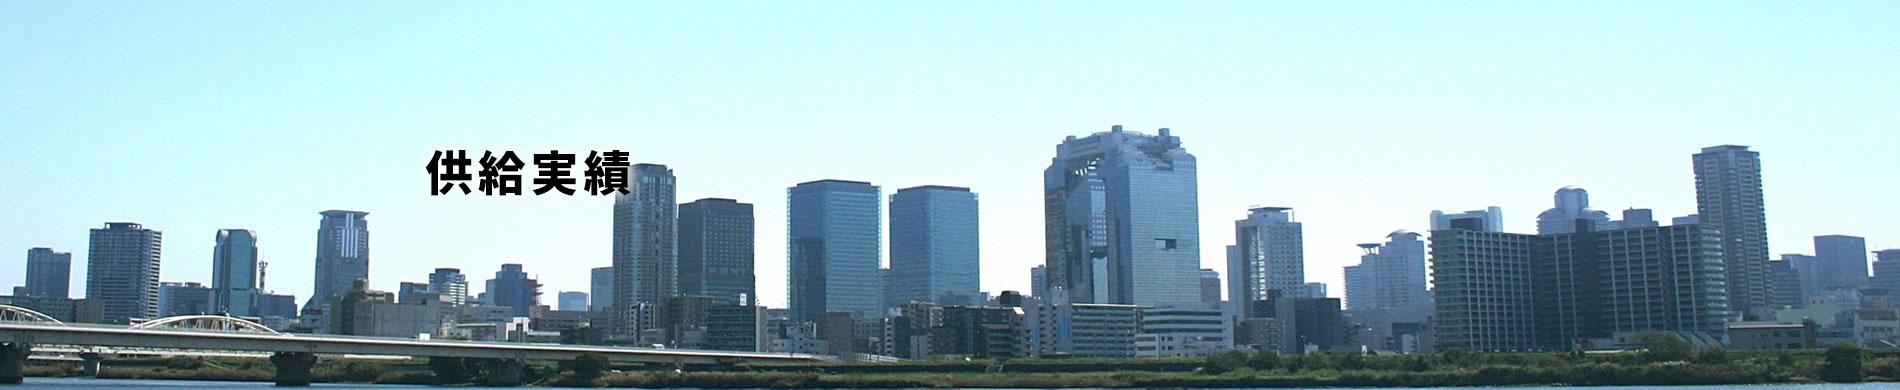 供給実績(大阪市内エリア) - 北摂、阪神間、大阪市のマンションなら株式会社アービング